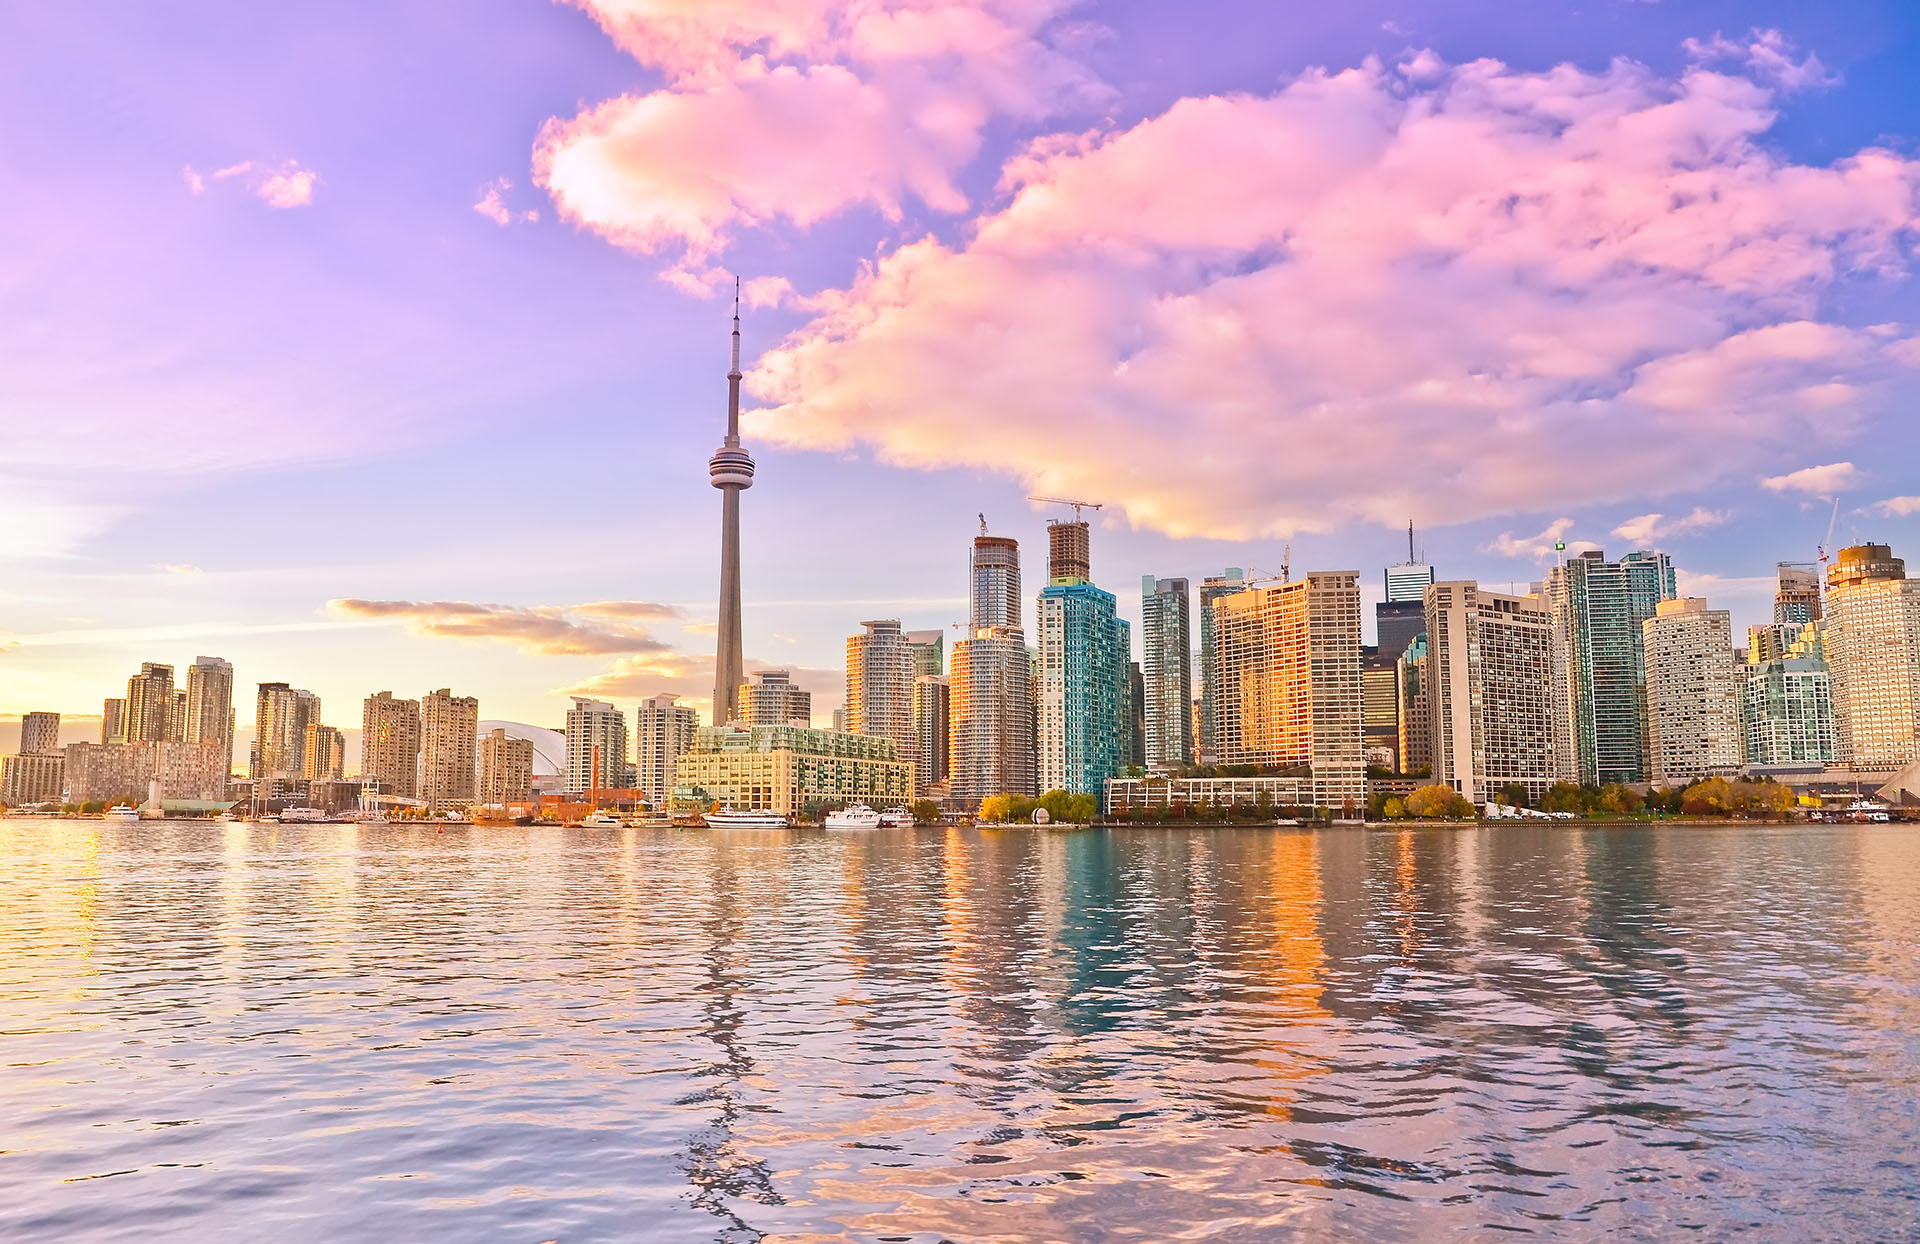 La ciudad más grande y más poblada de Canadá, además del centro financiero de dicho país, es conocida por su dinamismo y espíritu cosmopolita. Es una de las ciudades más convocantes para aquellos que buscan vivir una experiencia en otro país